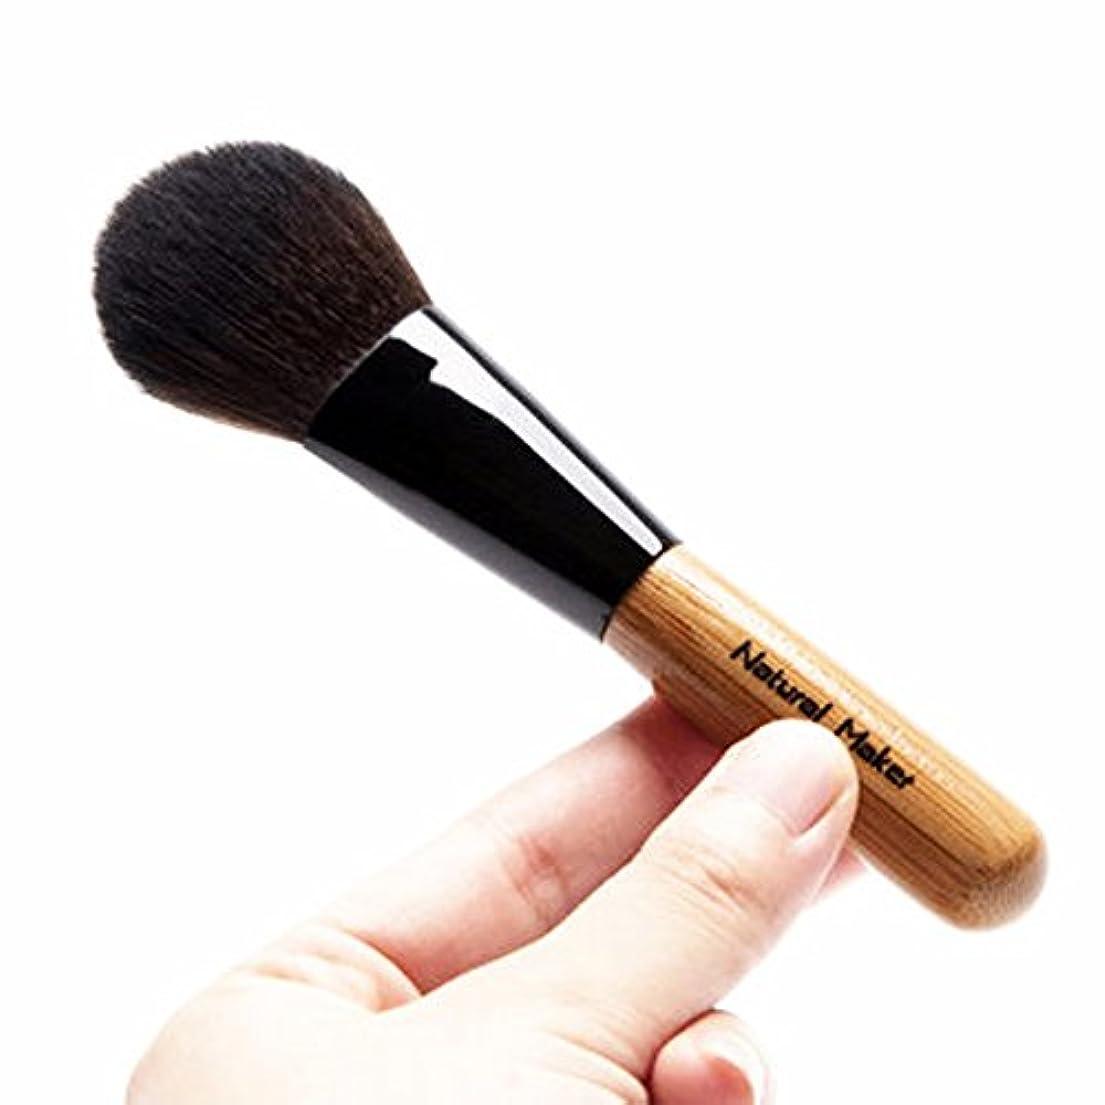 チークブラシ 化粧筆 パウダーブラシ メイクブラシ ハイライトブラシ 高級繊維毛 極上の肌触り 竹柄